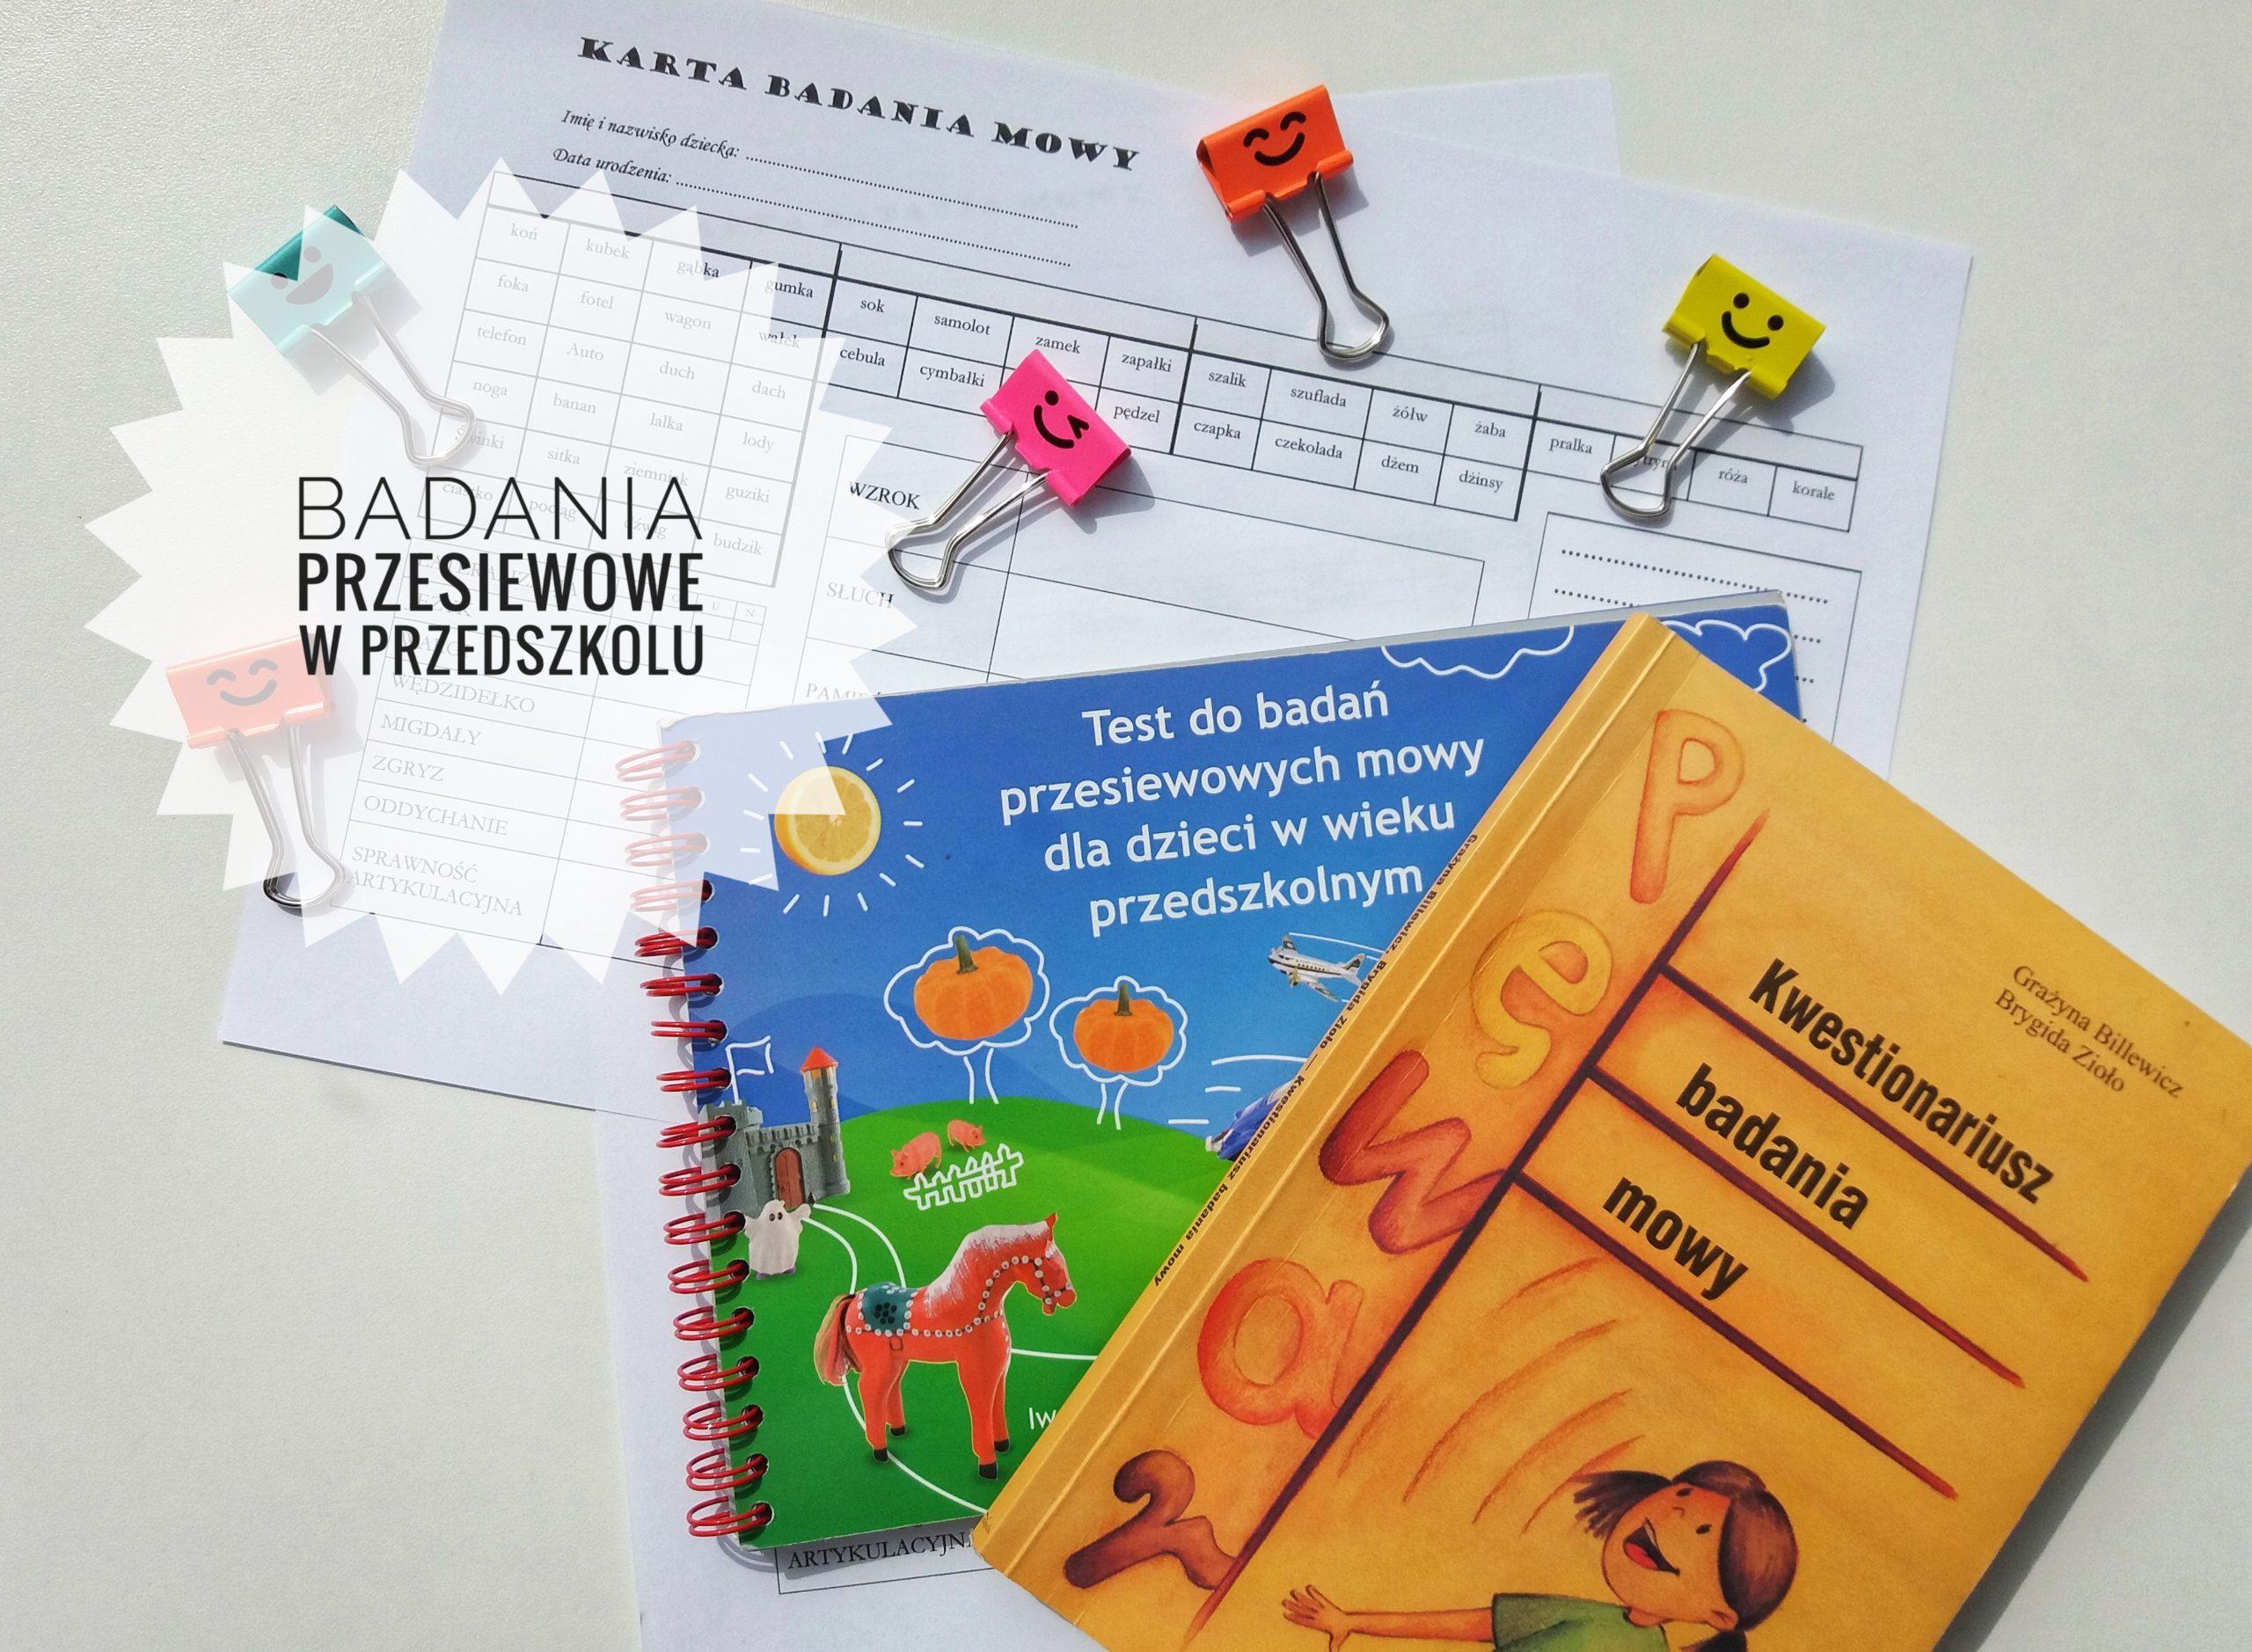 Badania przesiewowe w przedszkolu